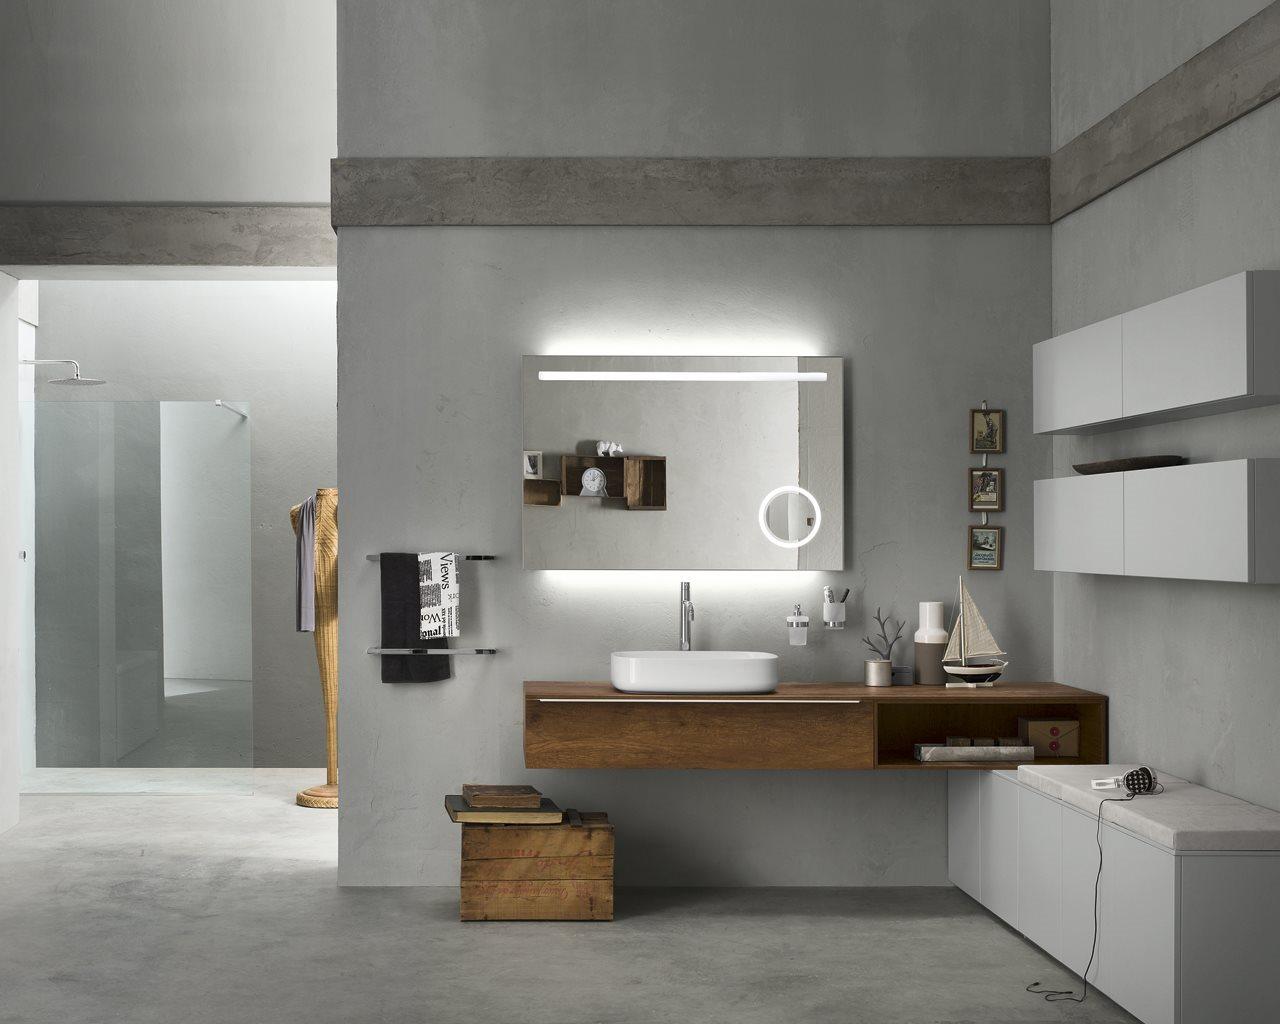 Inda la realt aumentata applicata all arredo bagno for Mobili bagno 2016